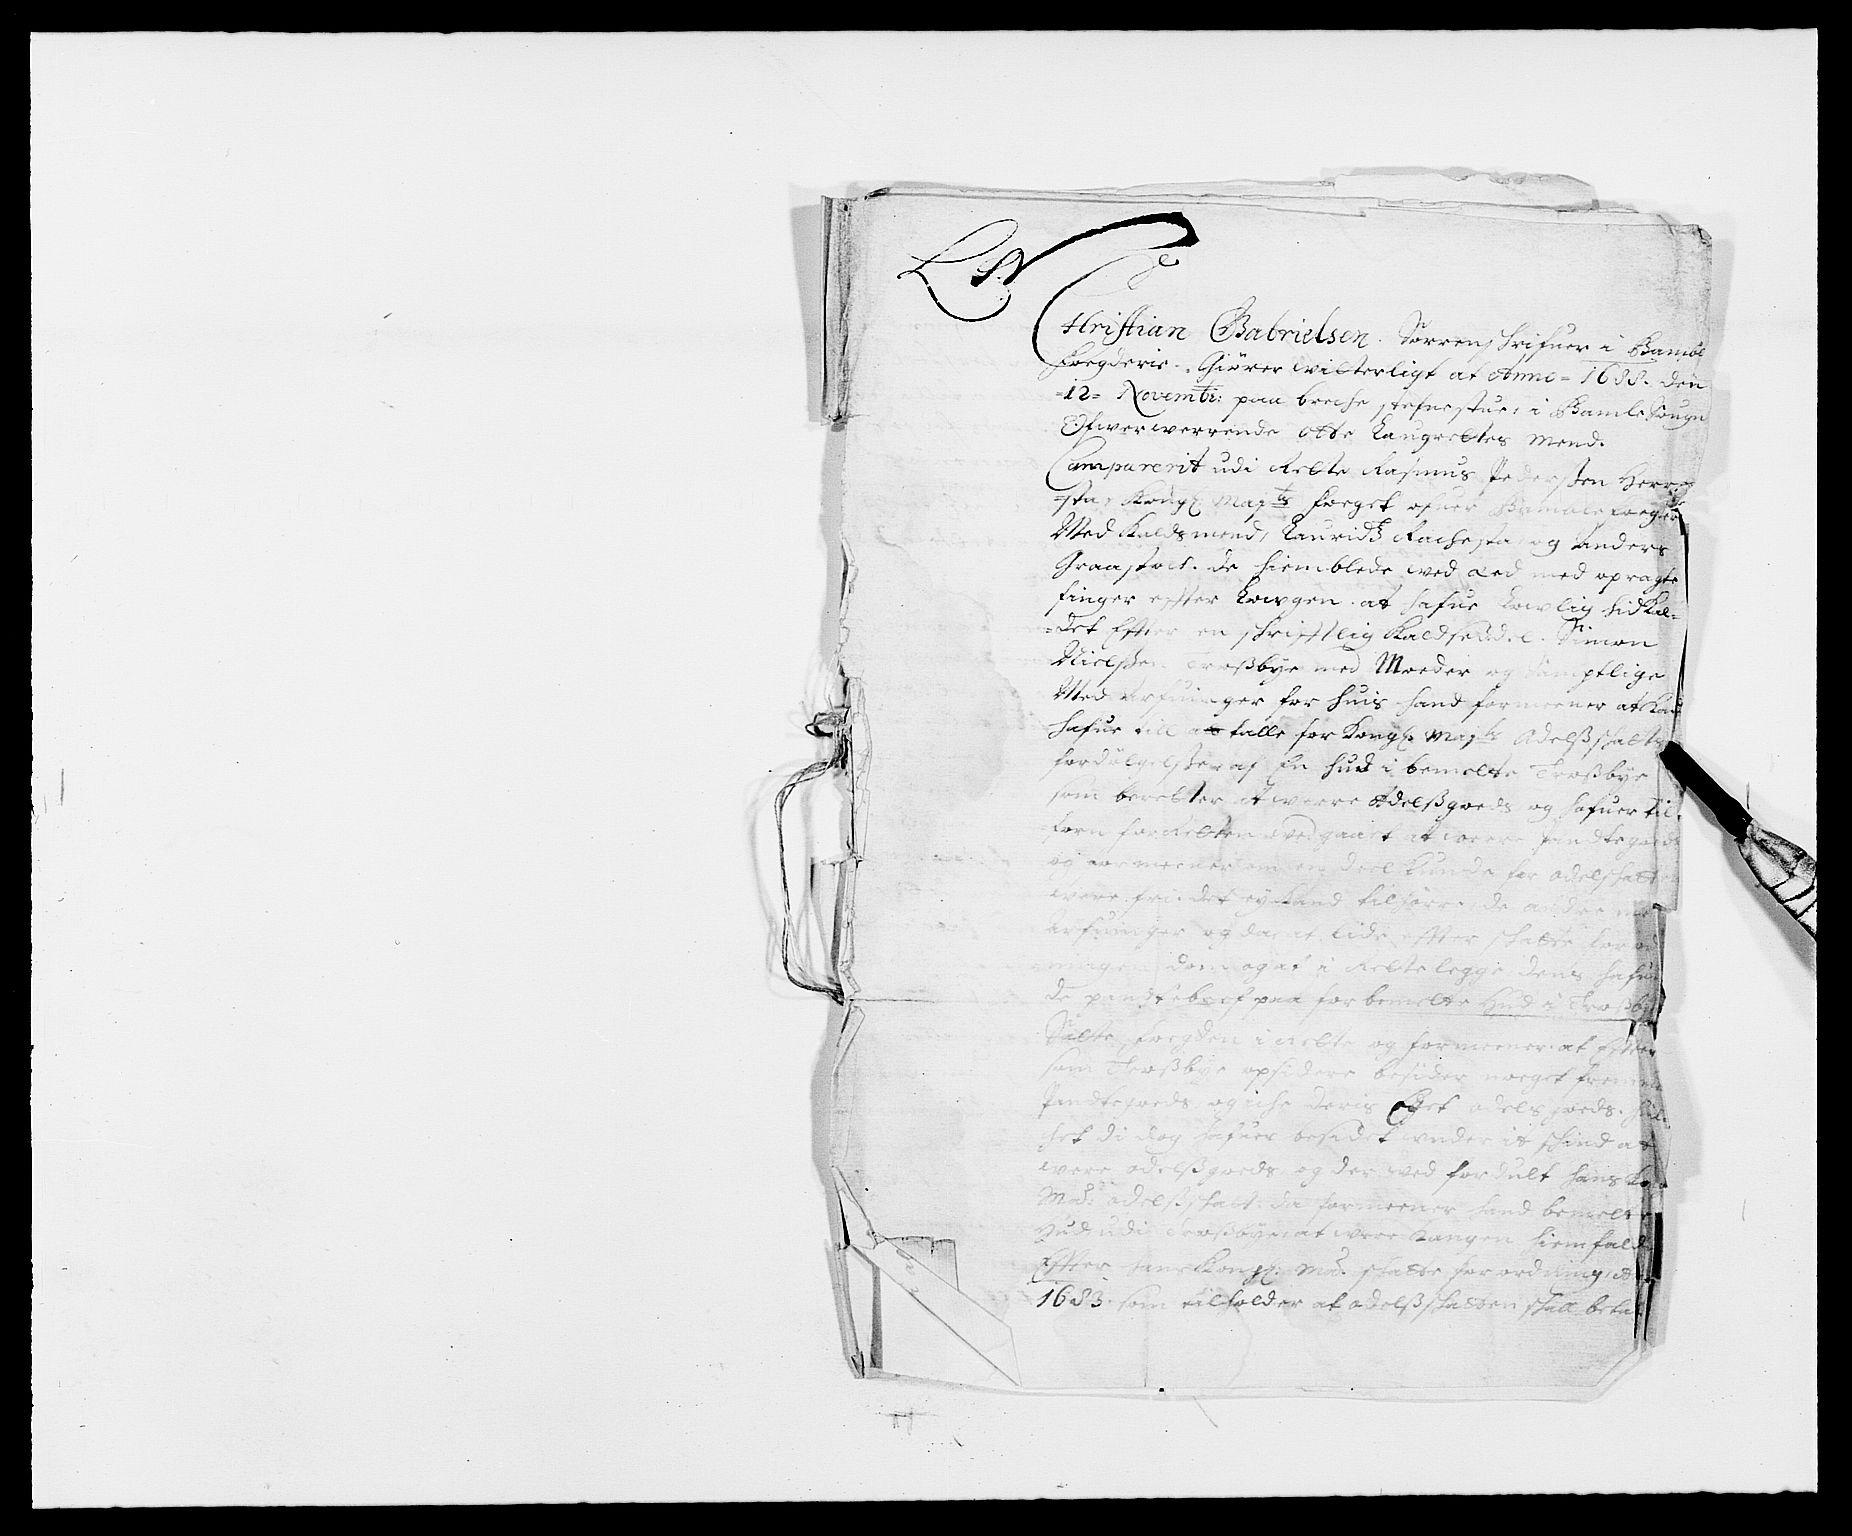 RA, Rentekammeret inntil 1814, Reviderte regnskaper, Fogderegnskap, R34/L2050: Fogderegnskap Bamble, 1688-1691, s. 240